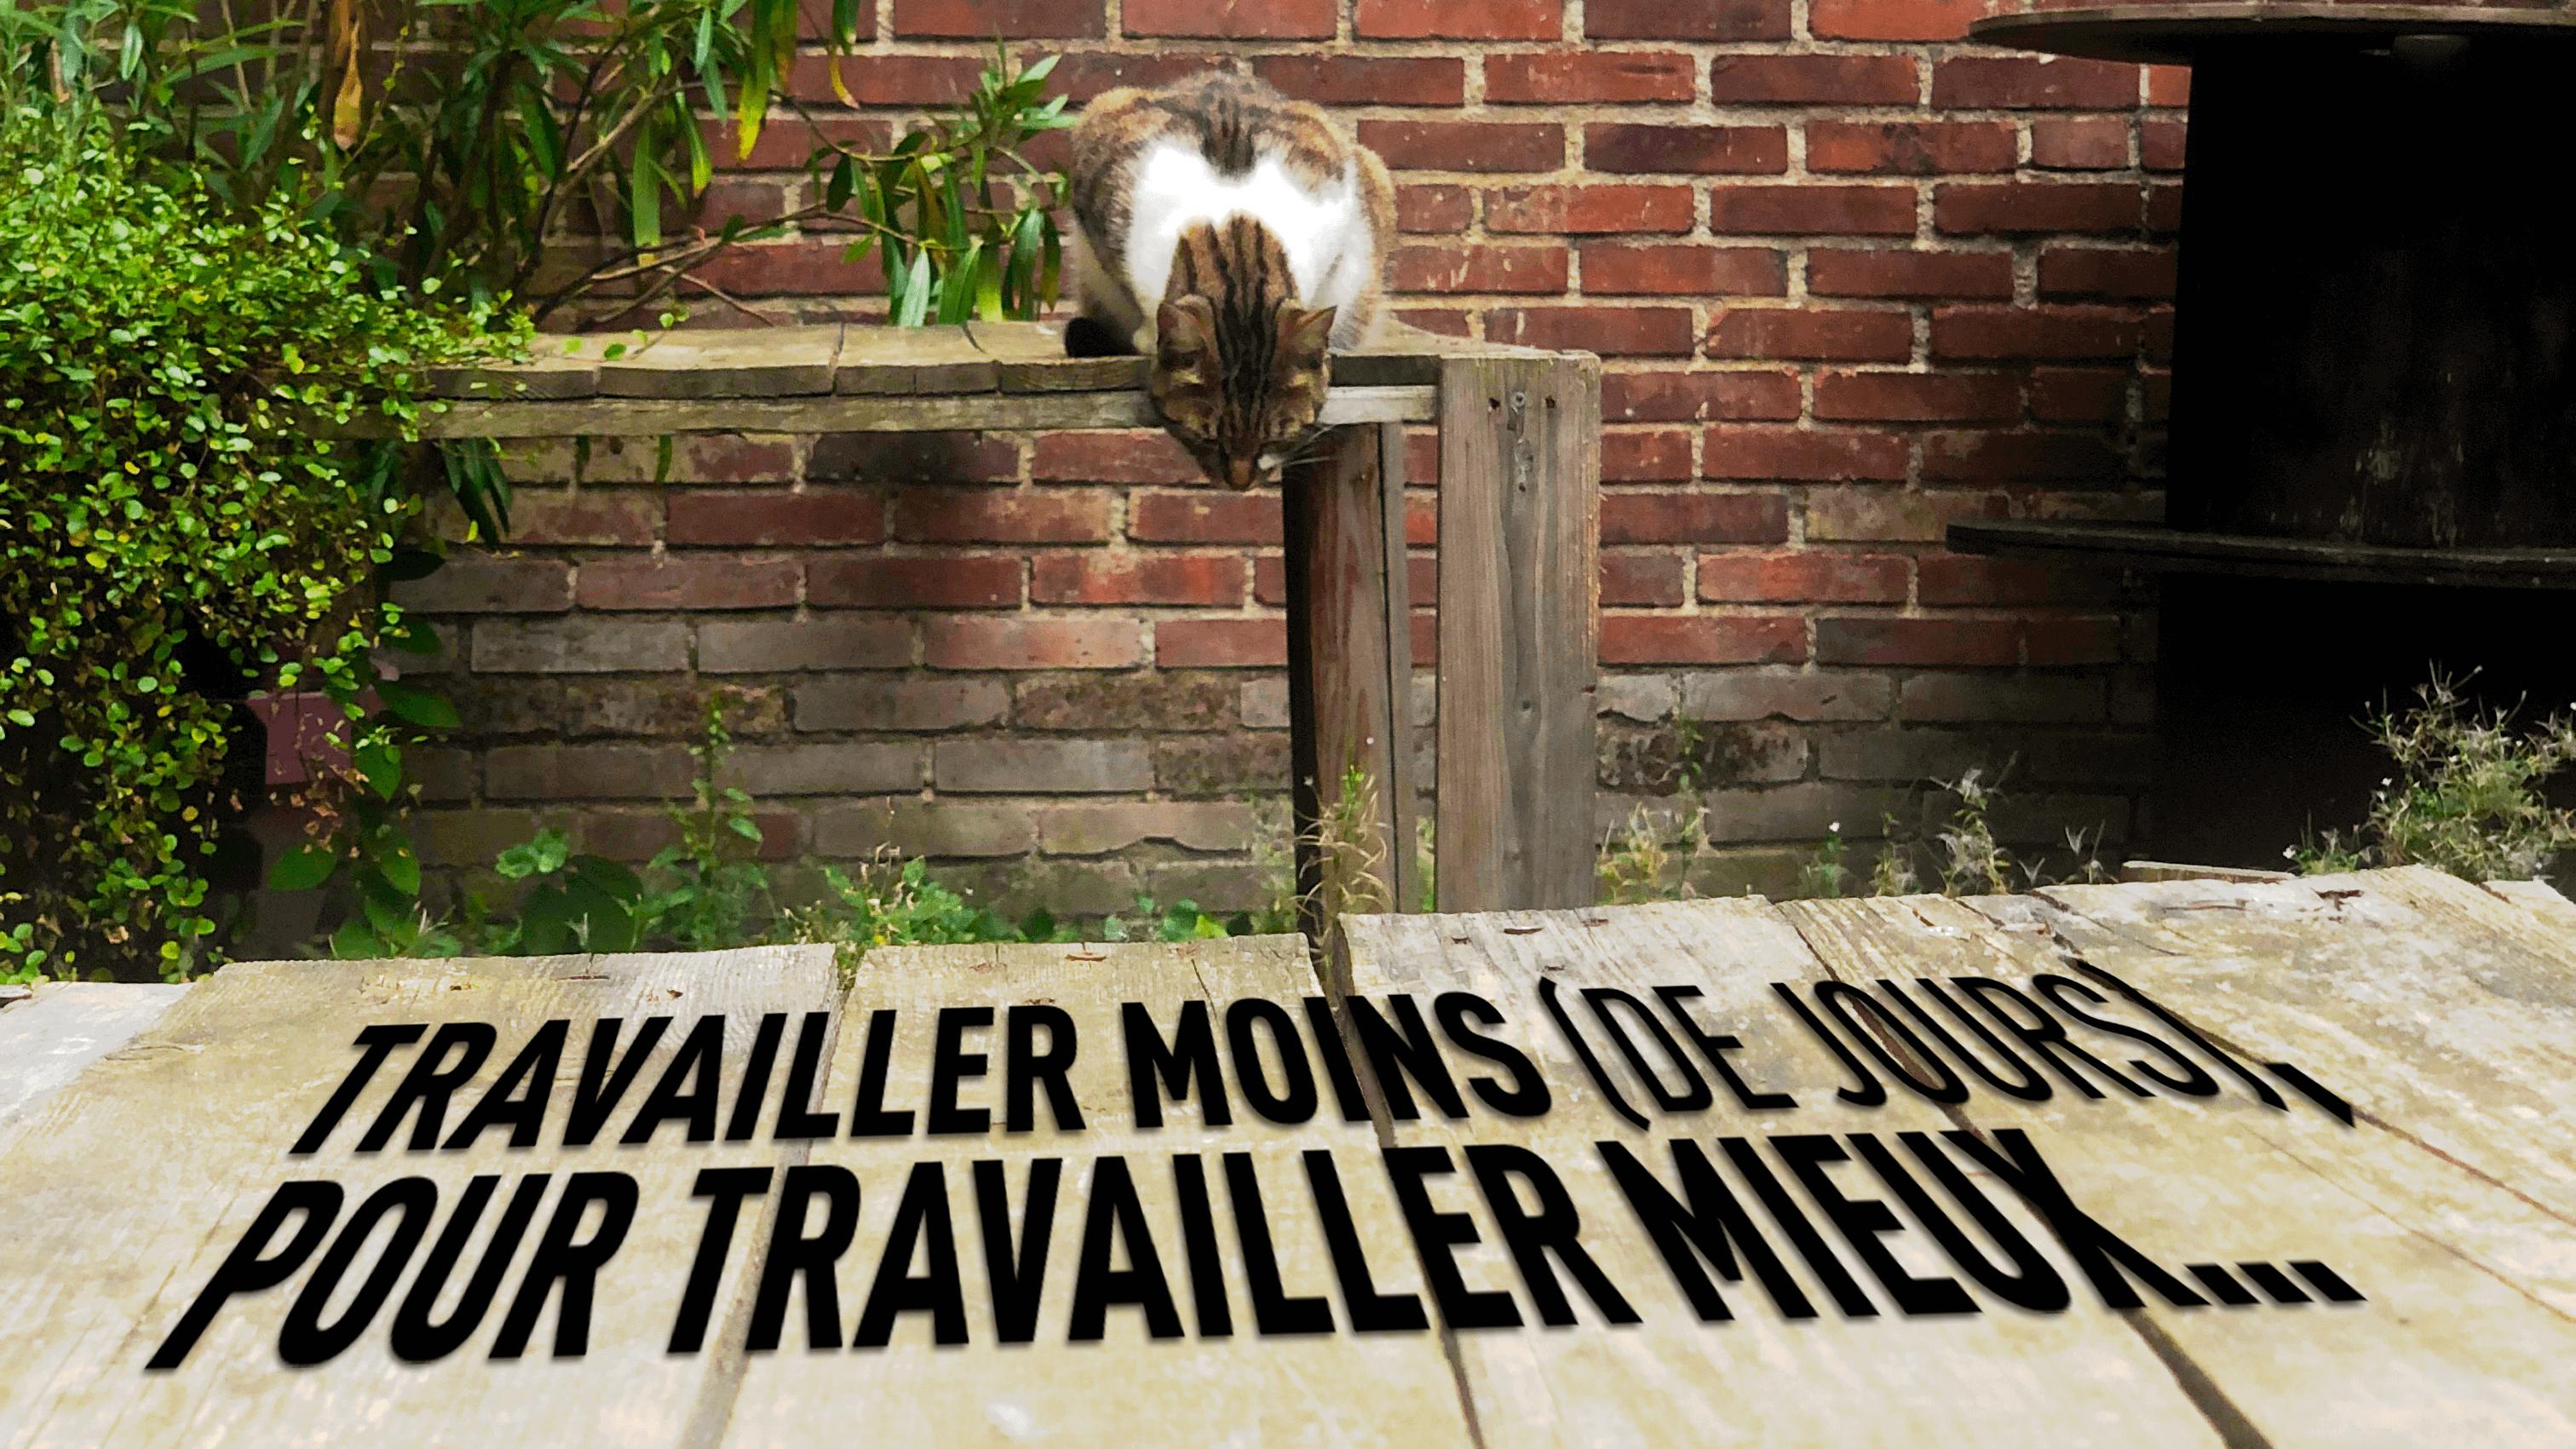 TRAVAILLER MOINS POUR TRAVAILLER MIEUX